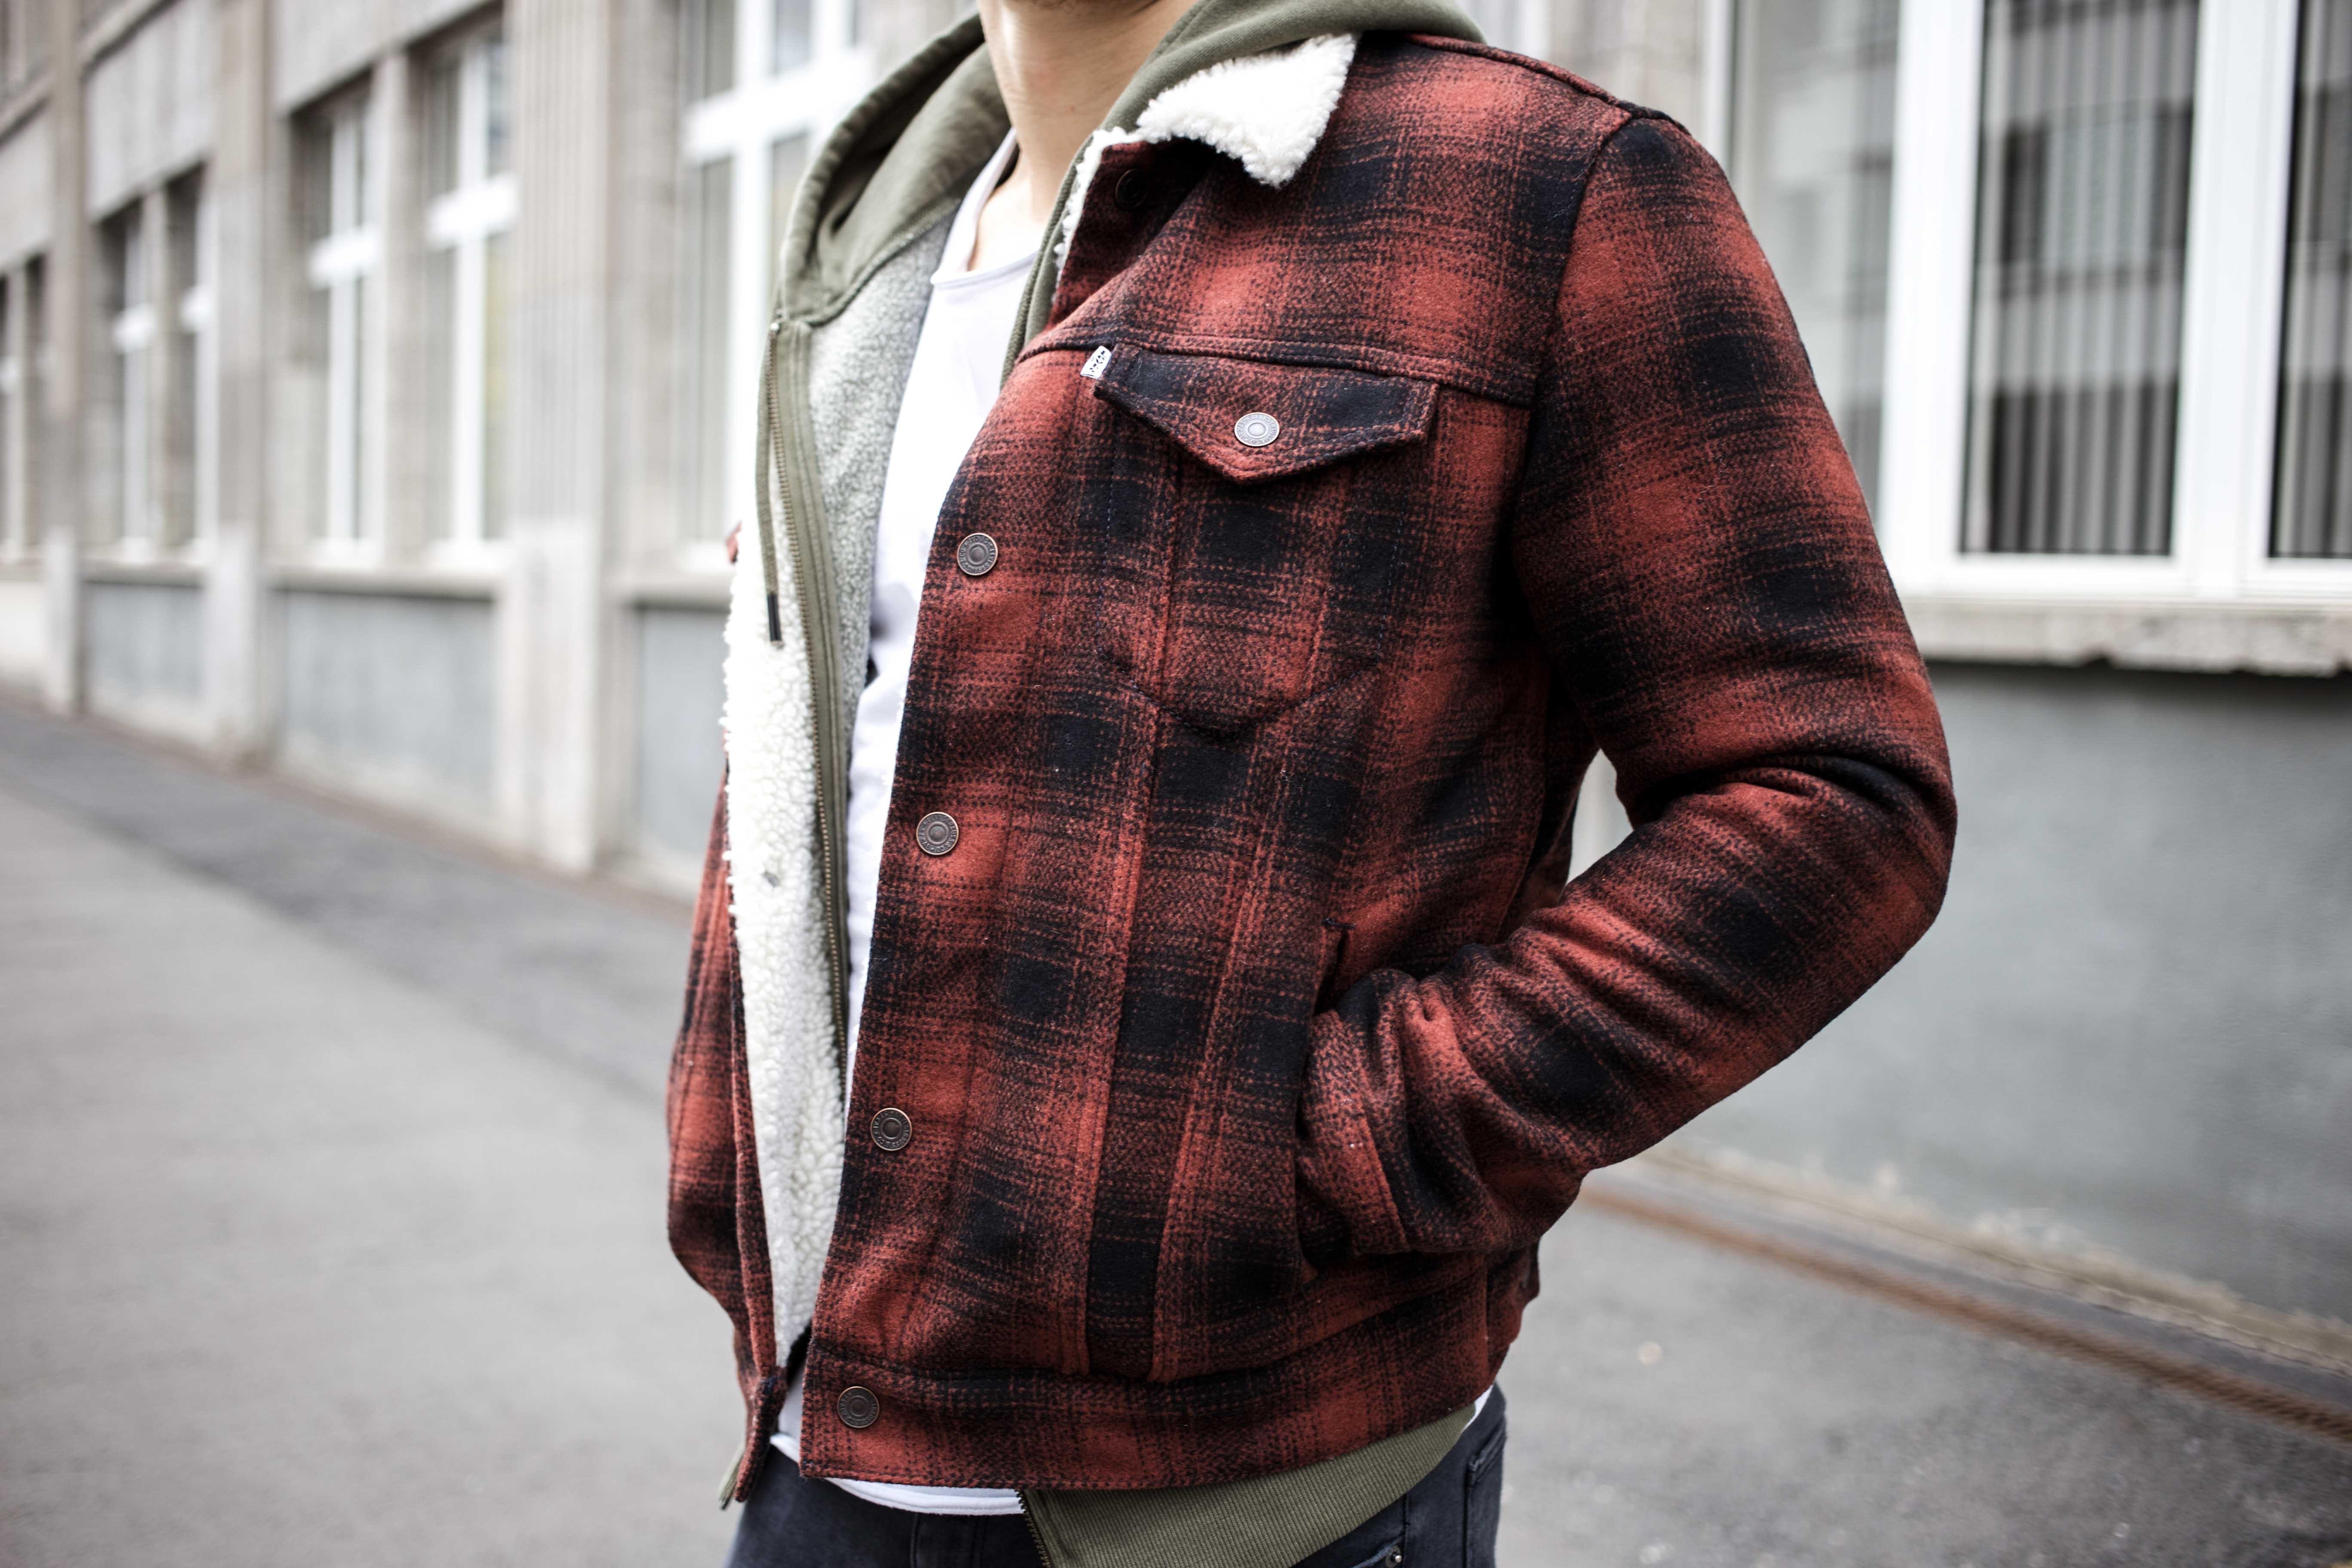 rot-karierte-sherpa-jacke-trucker-jacke-kanadischer-winter-look_6542